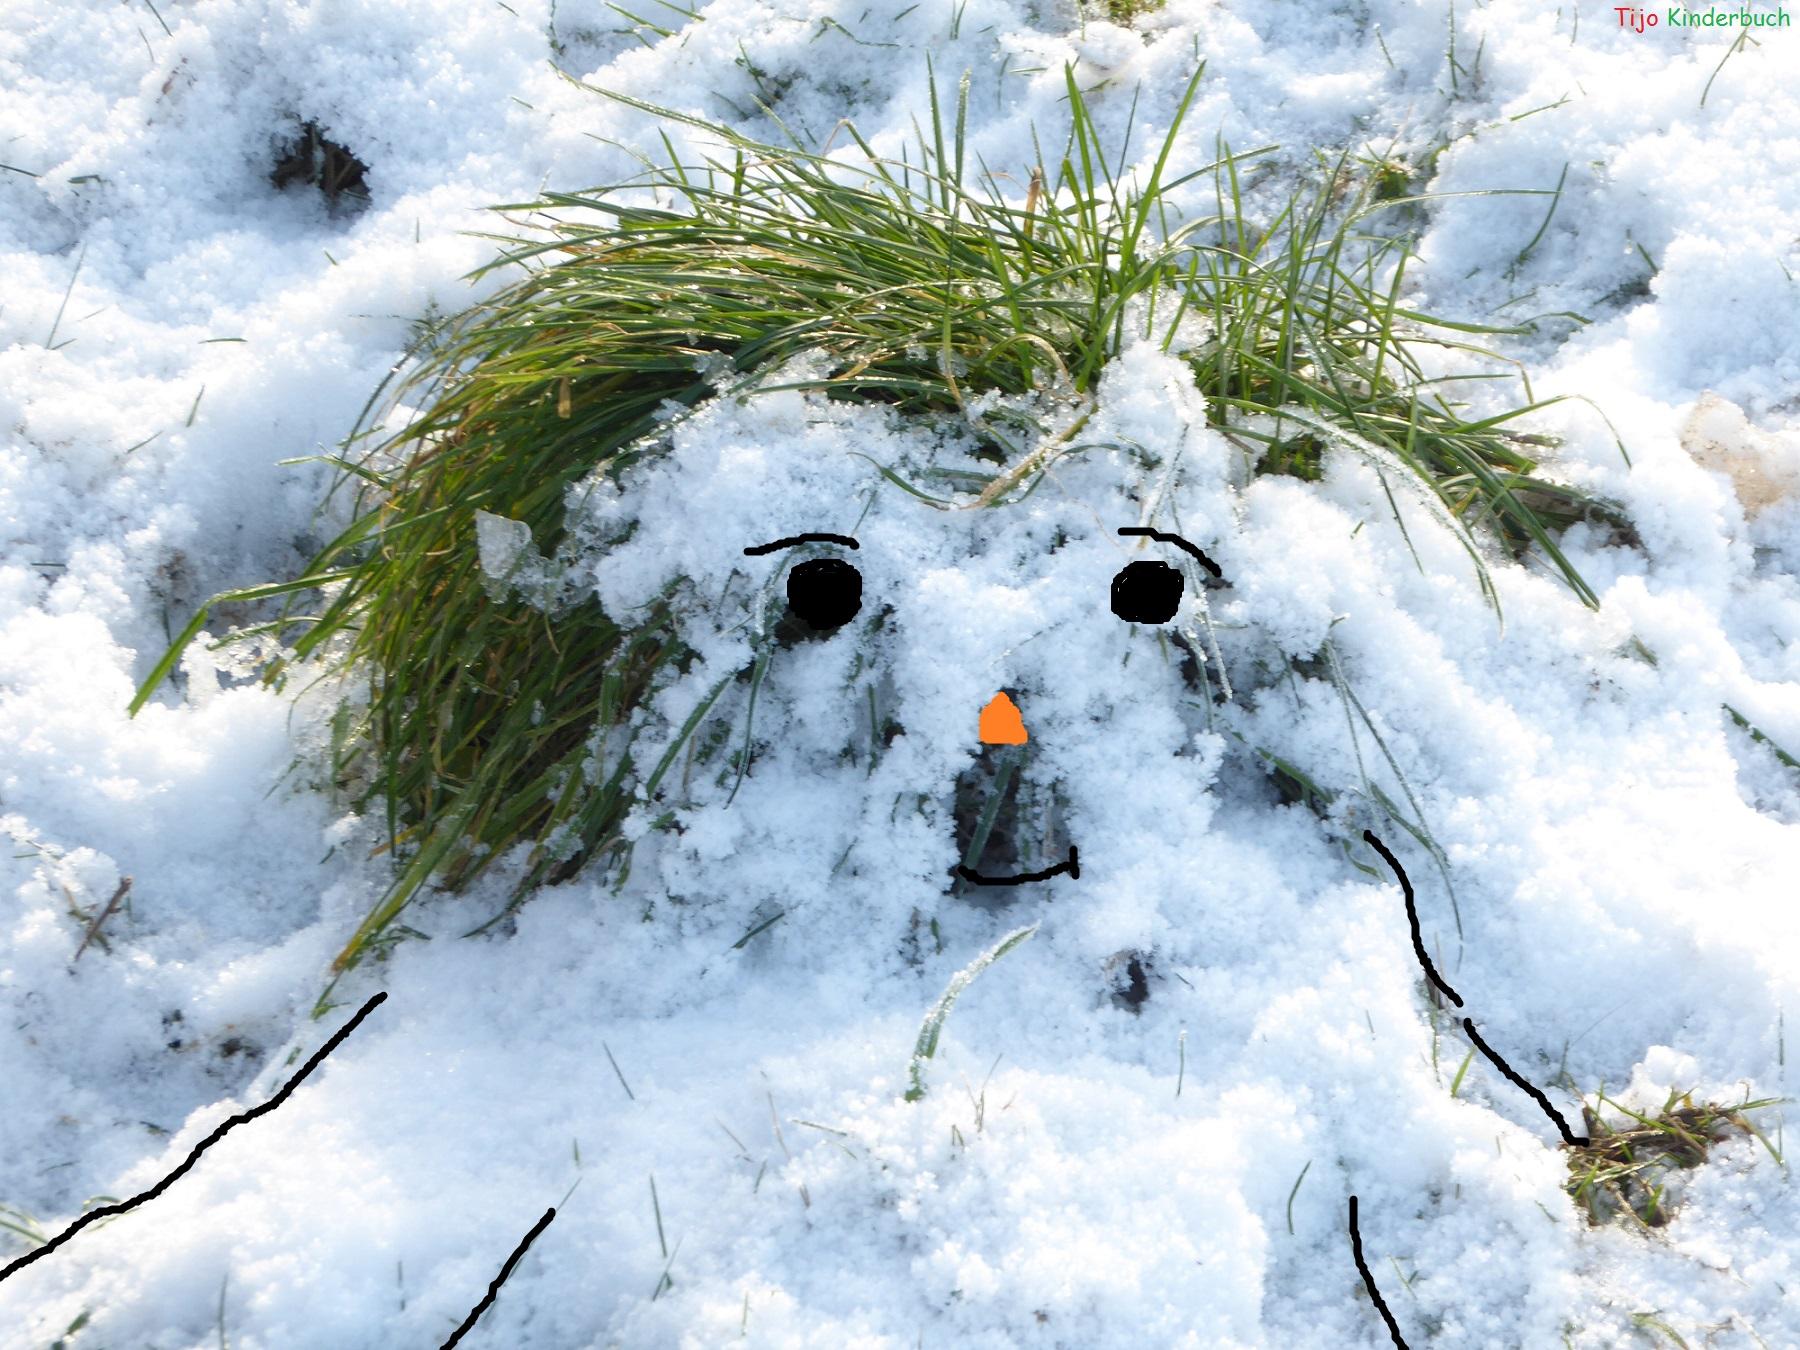 Schneekopf